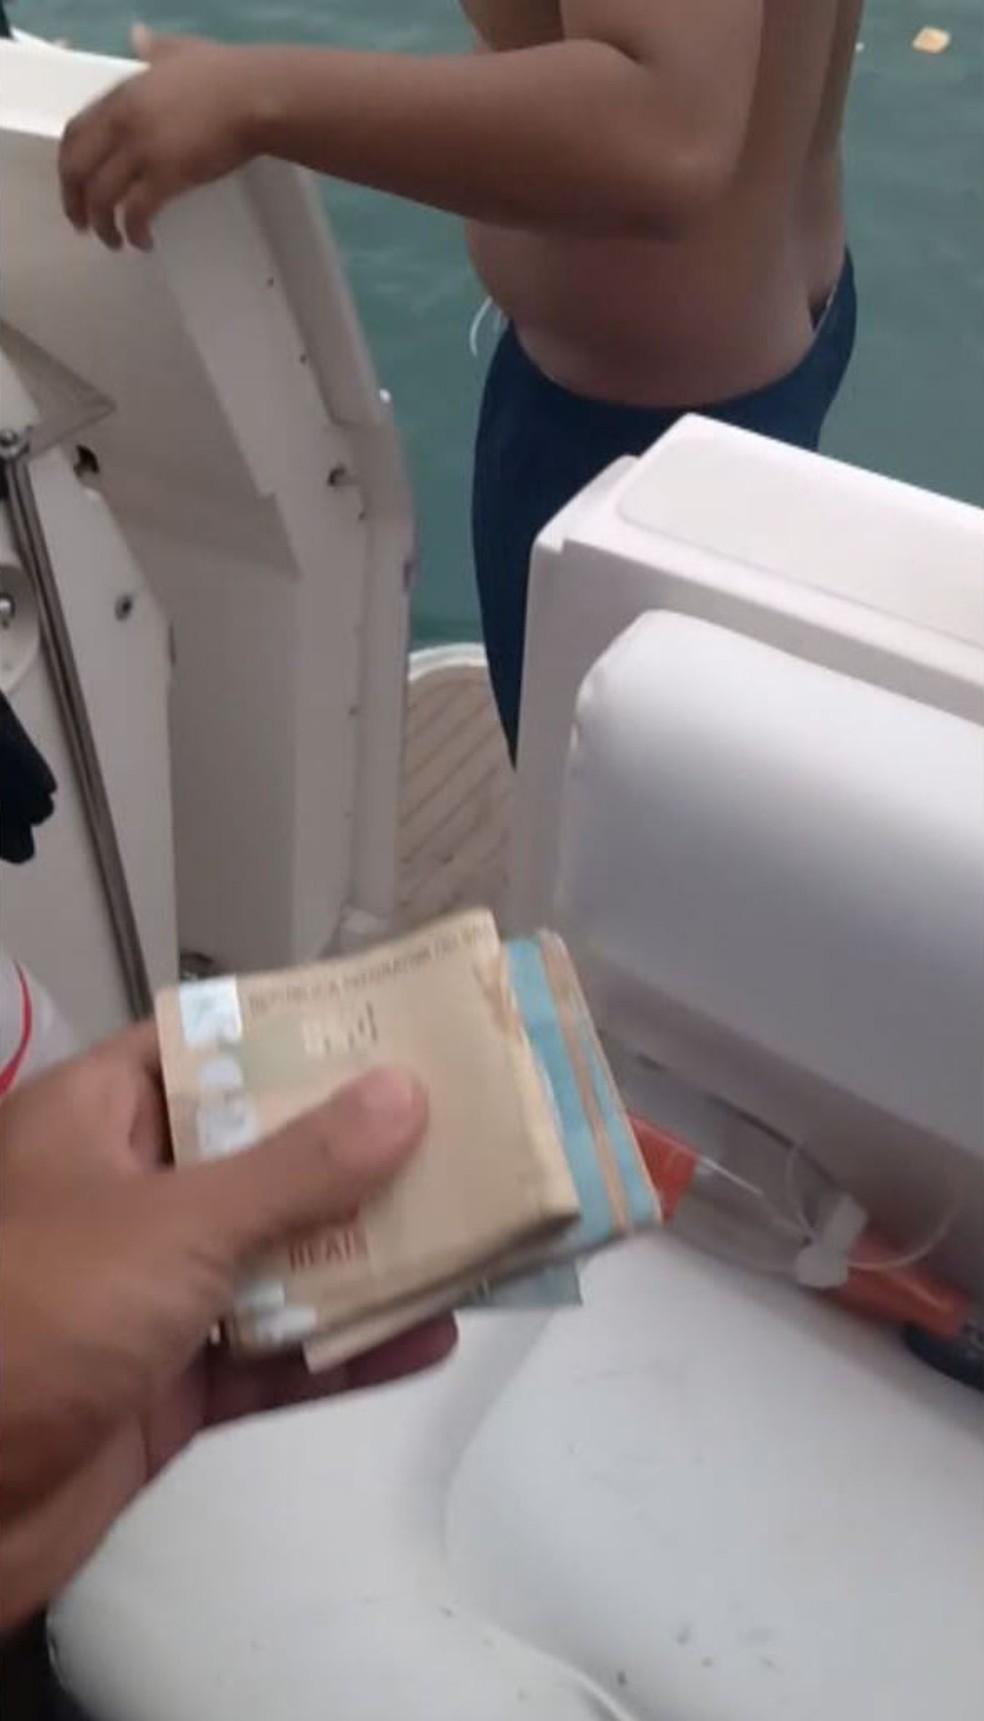 Notas são exibidas em vídeo durante festa com embarcações de luxo — Foto: Reprodução